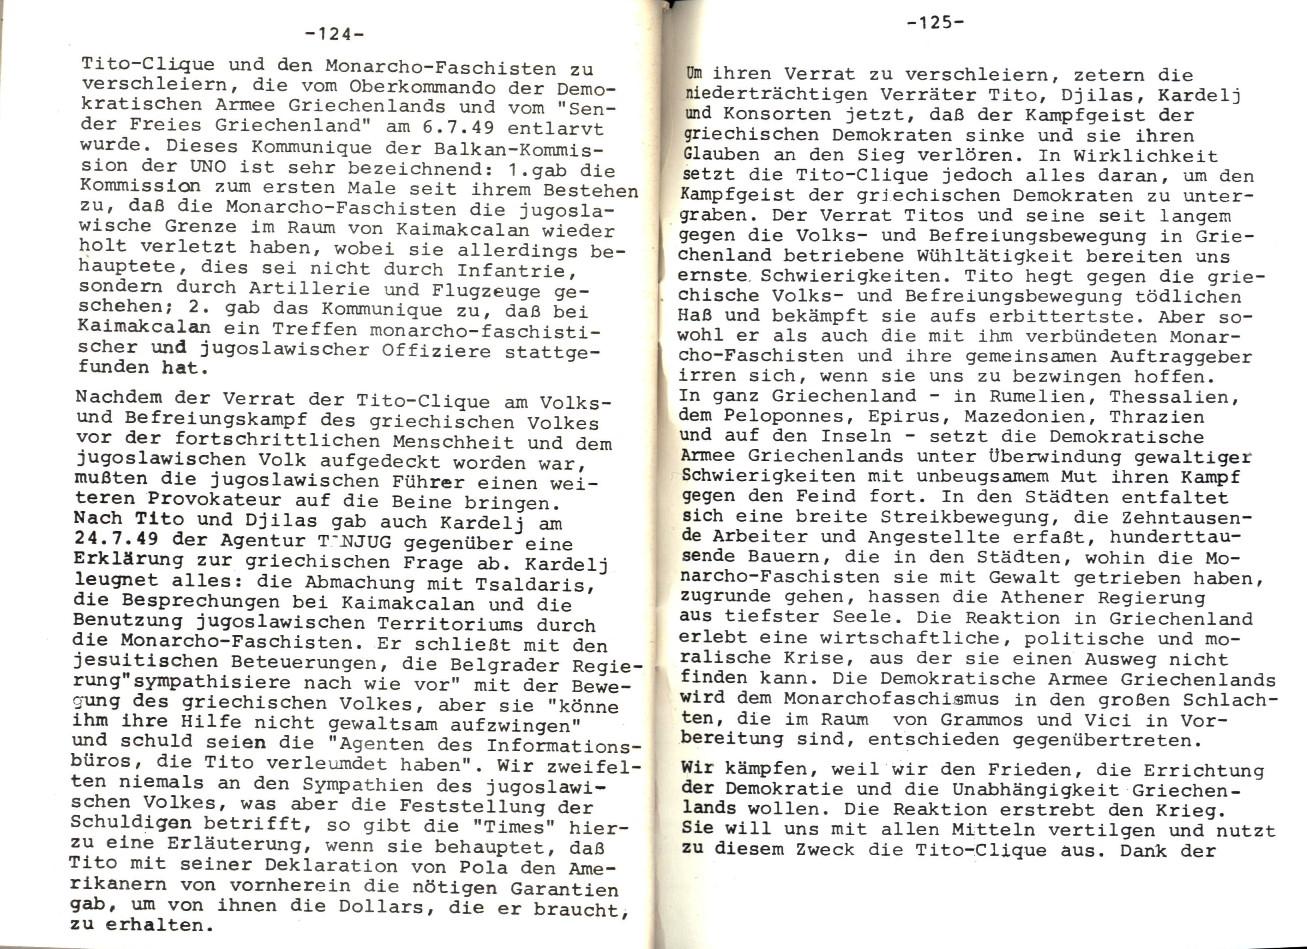 MLSK_Theorie_und_Praxis_des_ML_1979_24_64